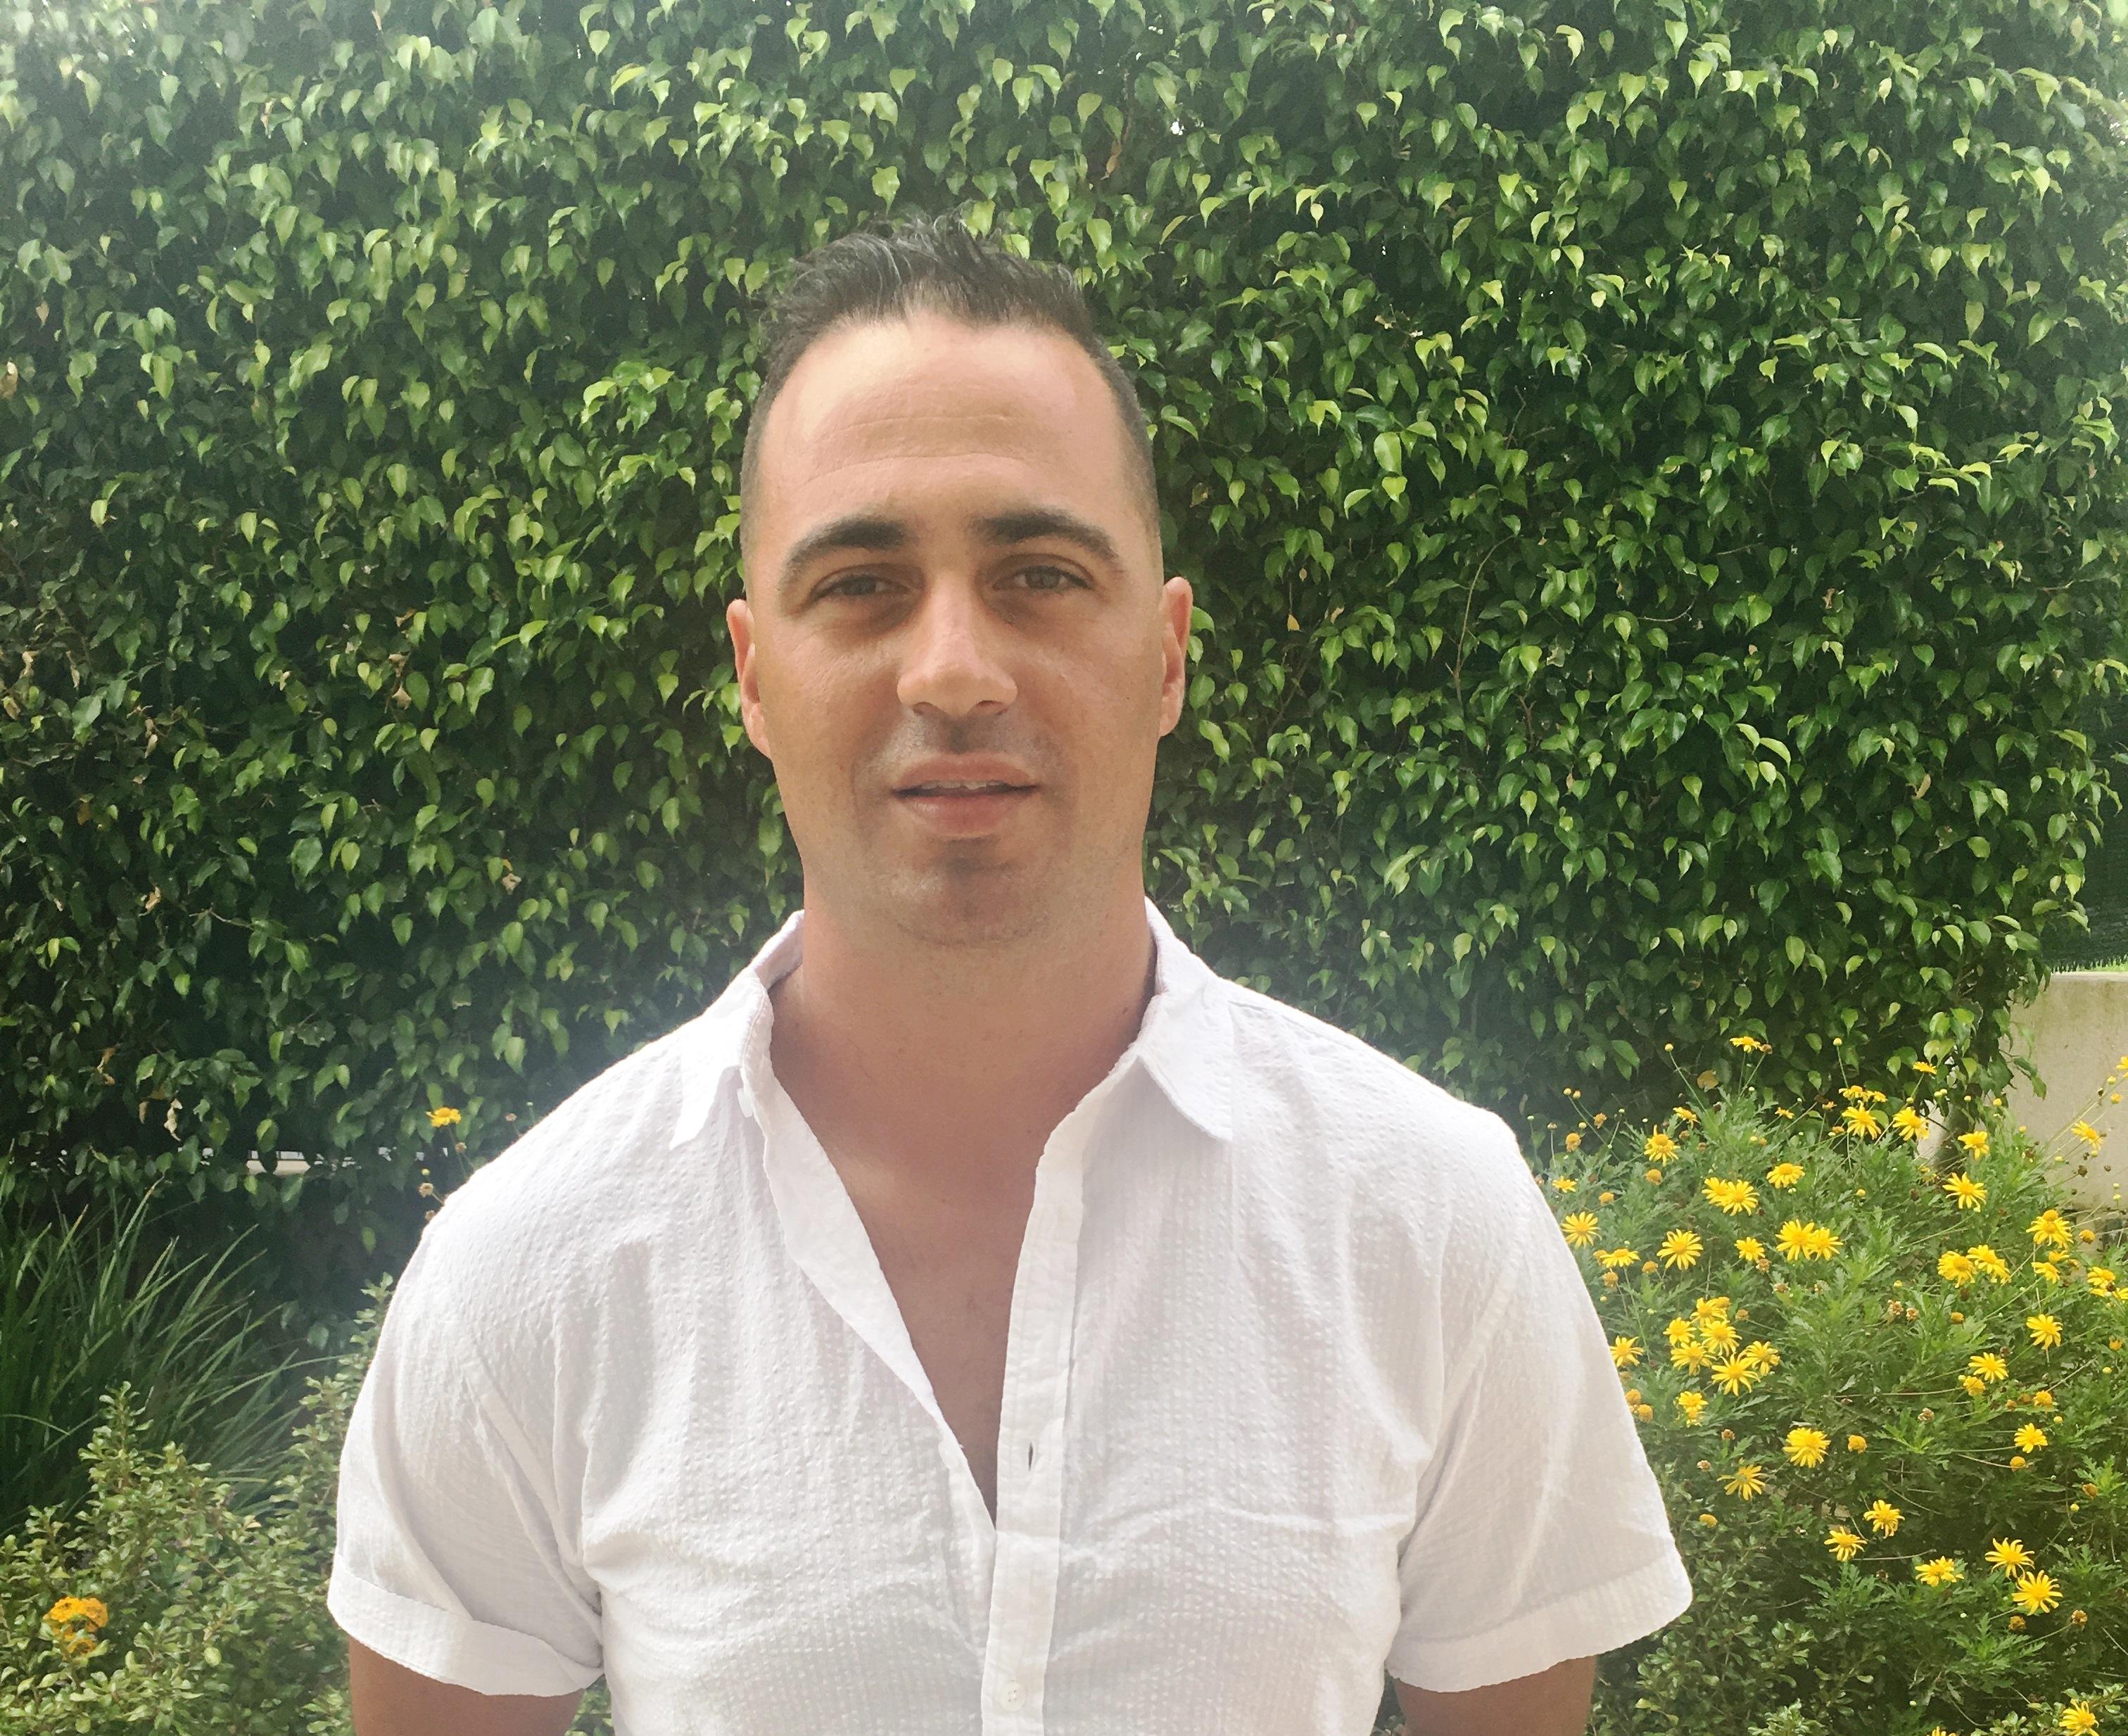 Pedro Alfenim